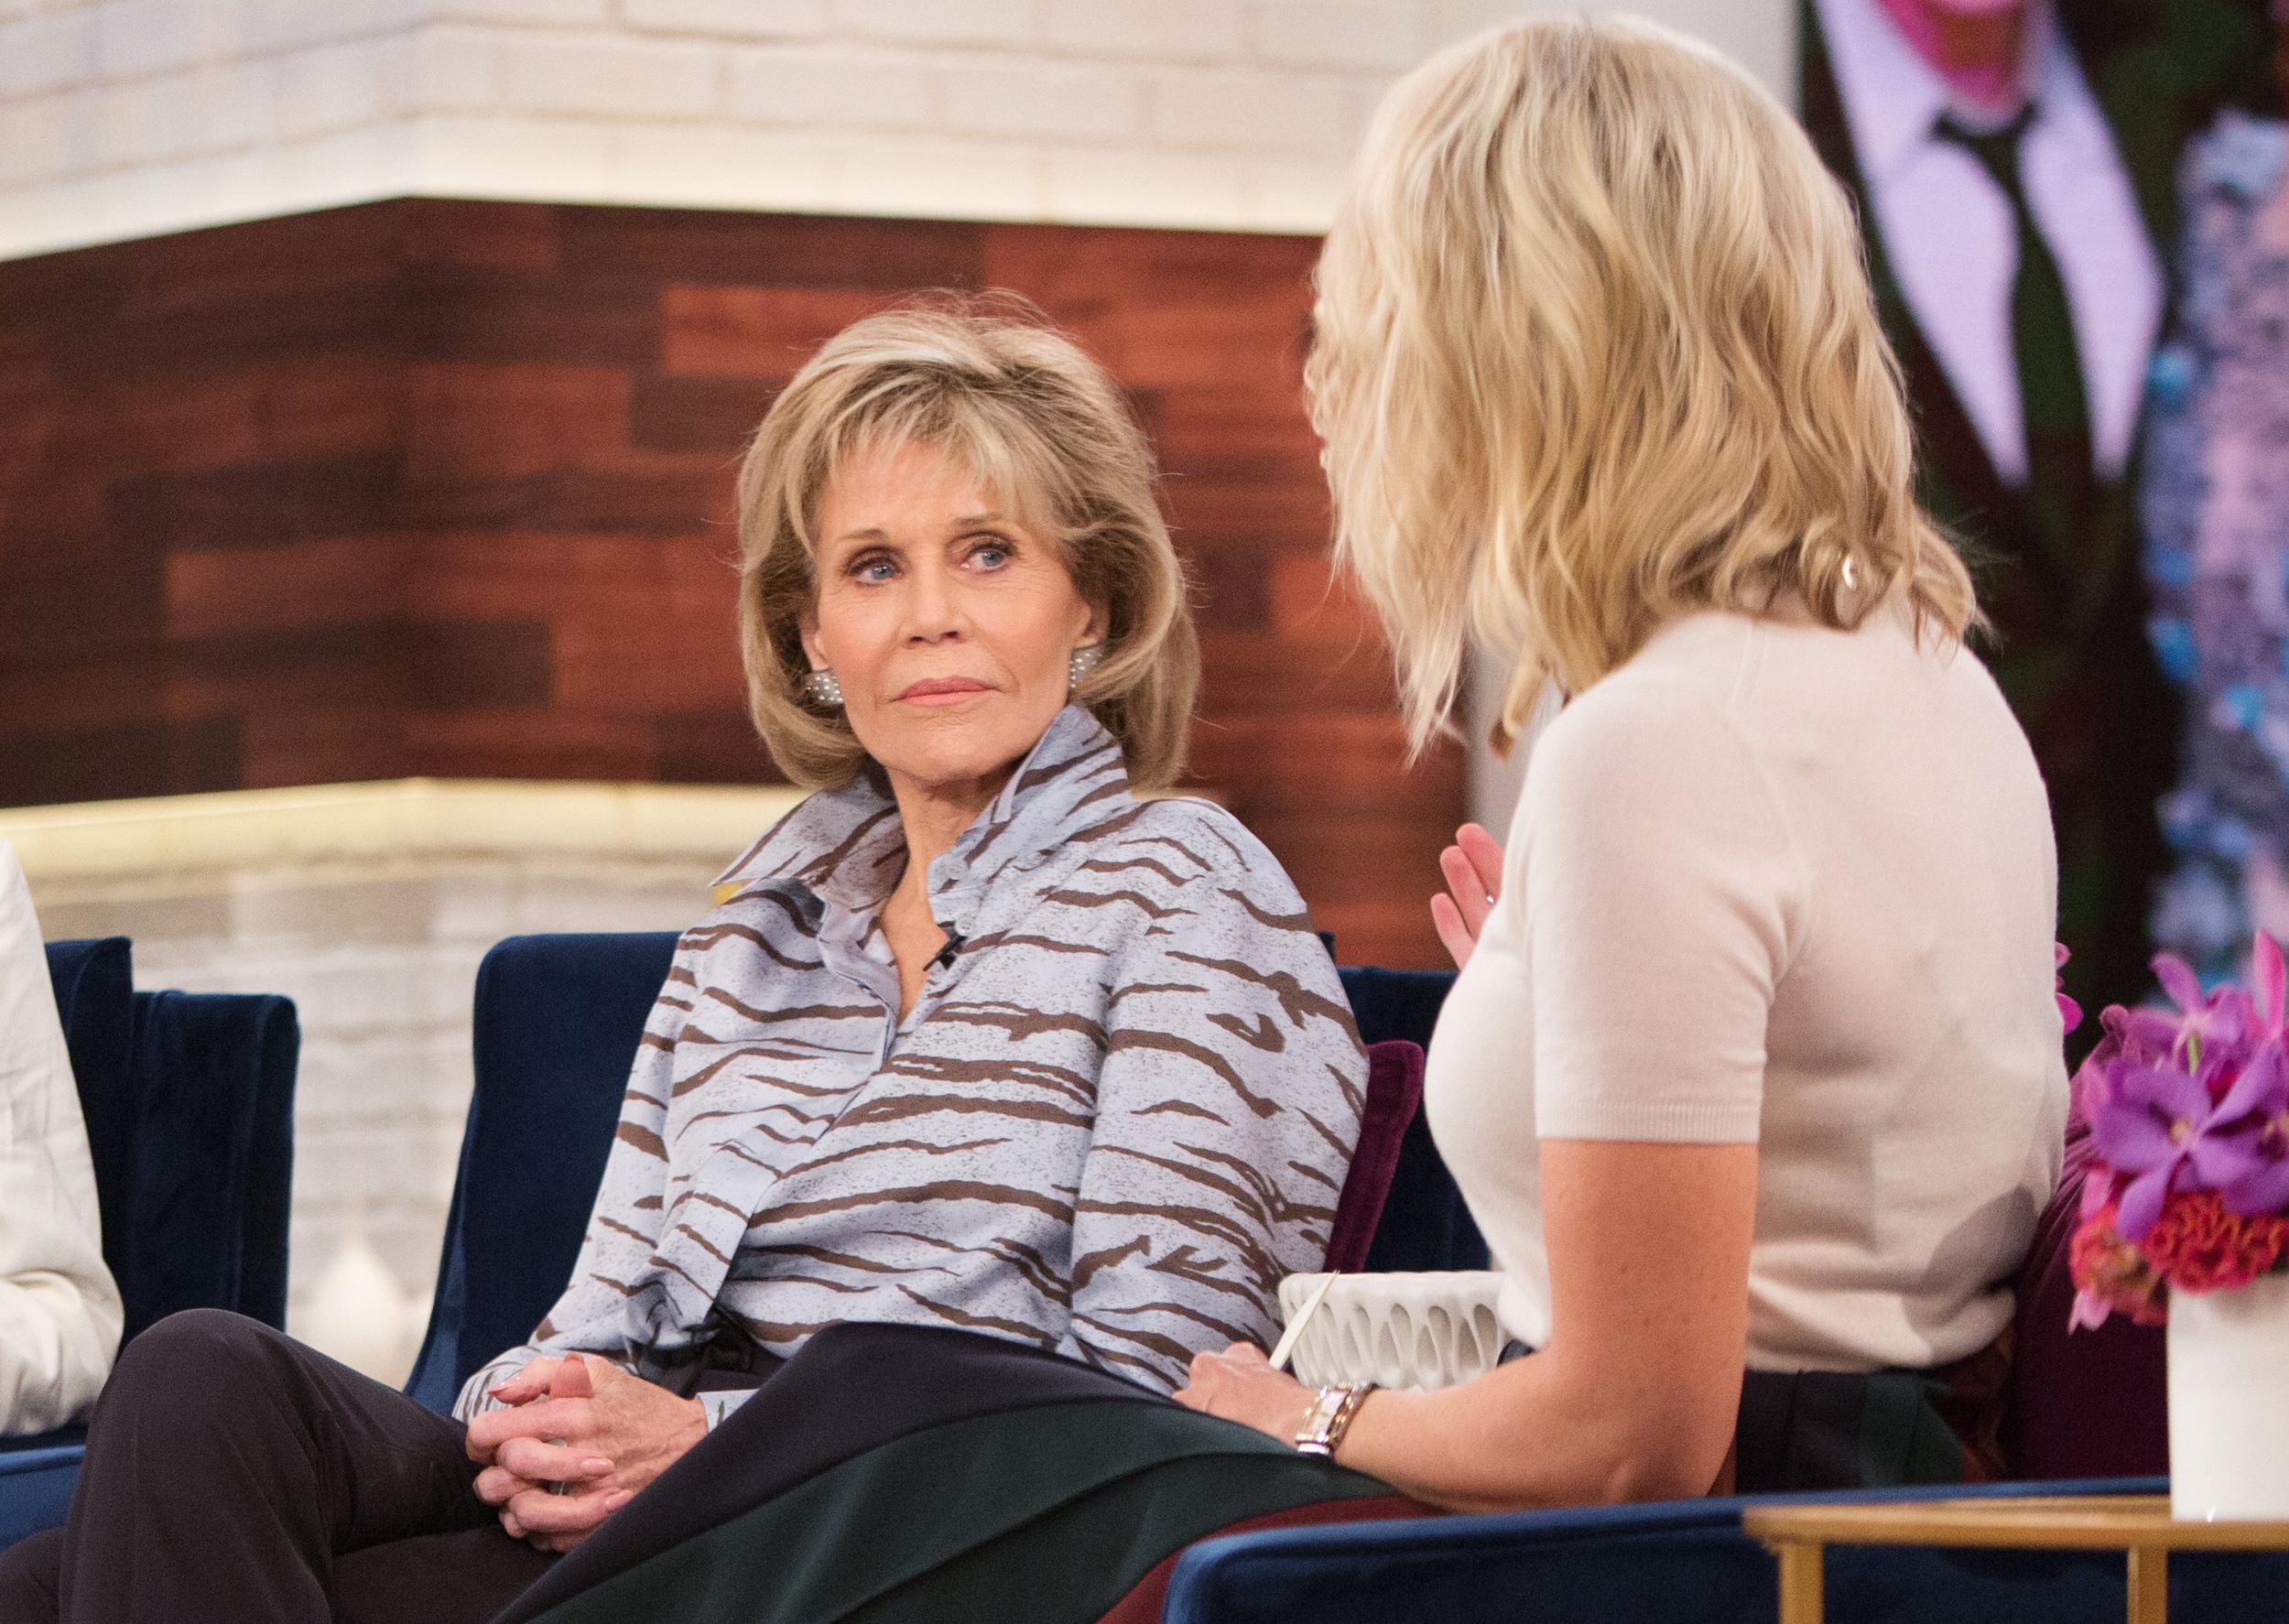 Megyn Kelly slams Jane Fonda's 'poor-me routine'